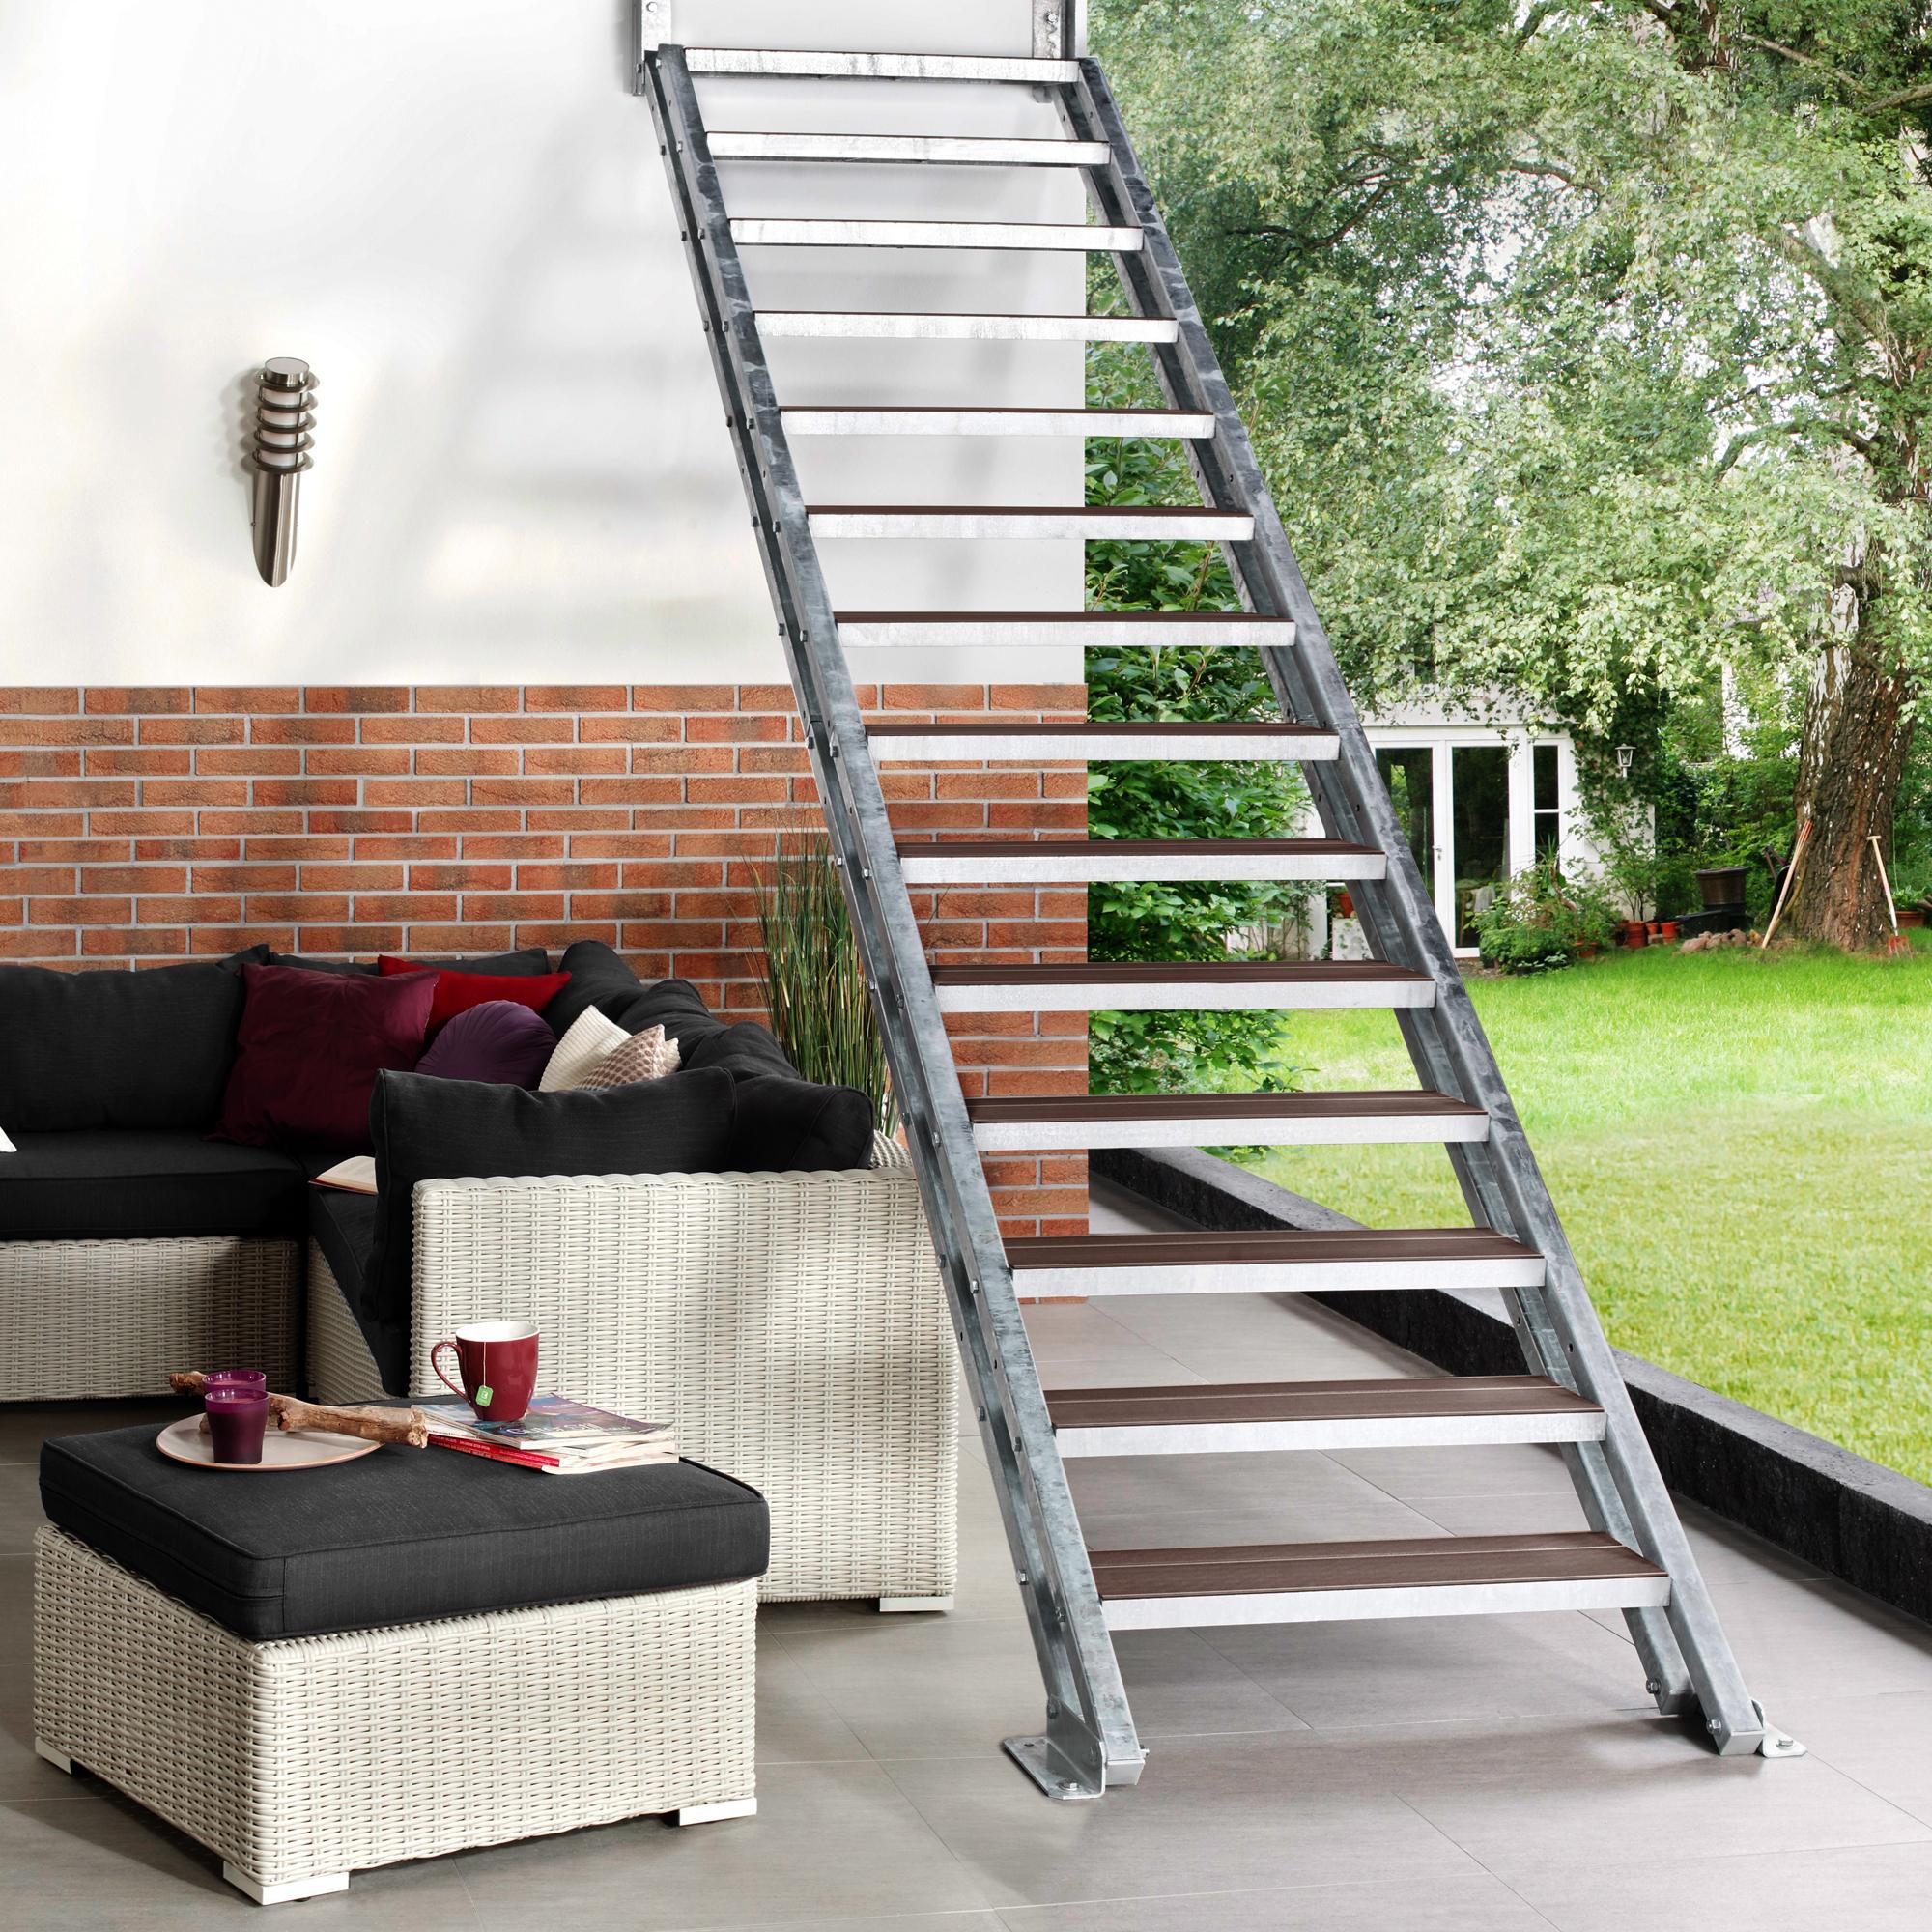 au entreppe als bausatztreppe zum g nstigen preis kaufen. Black Bedroom Furniture Sets. Home Design Ideas